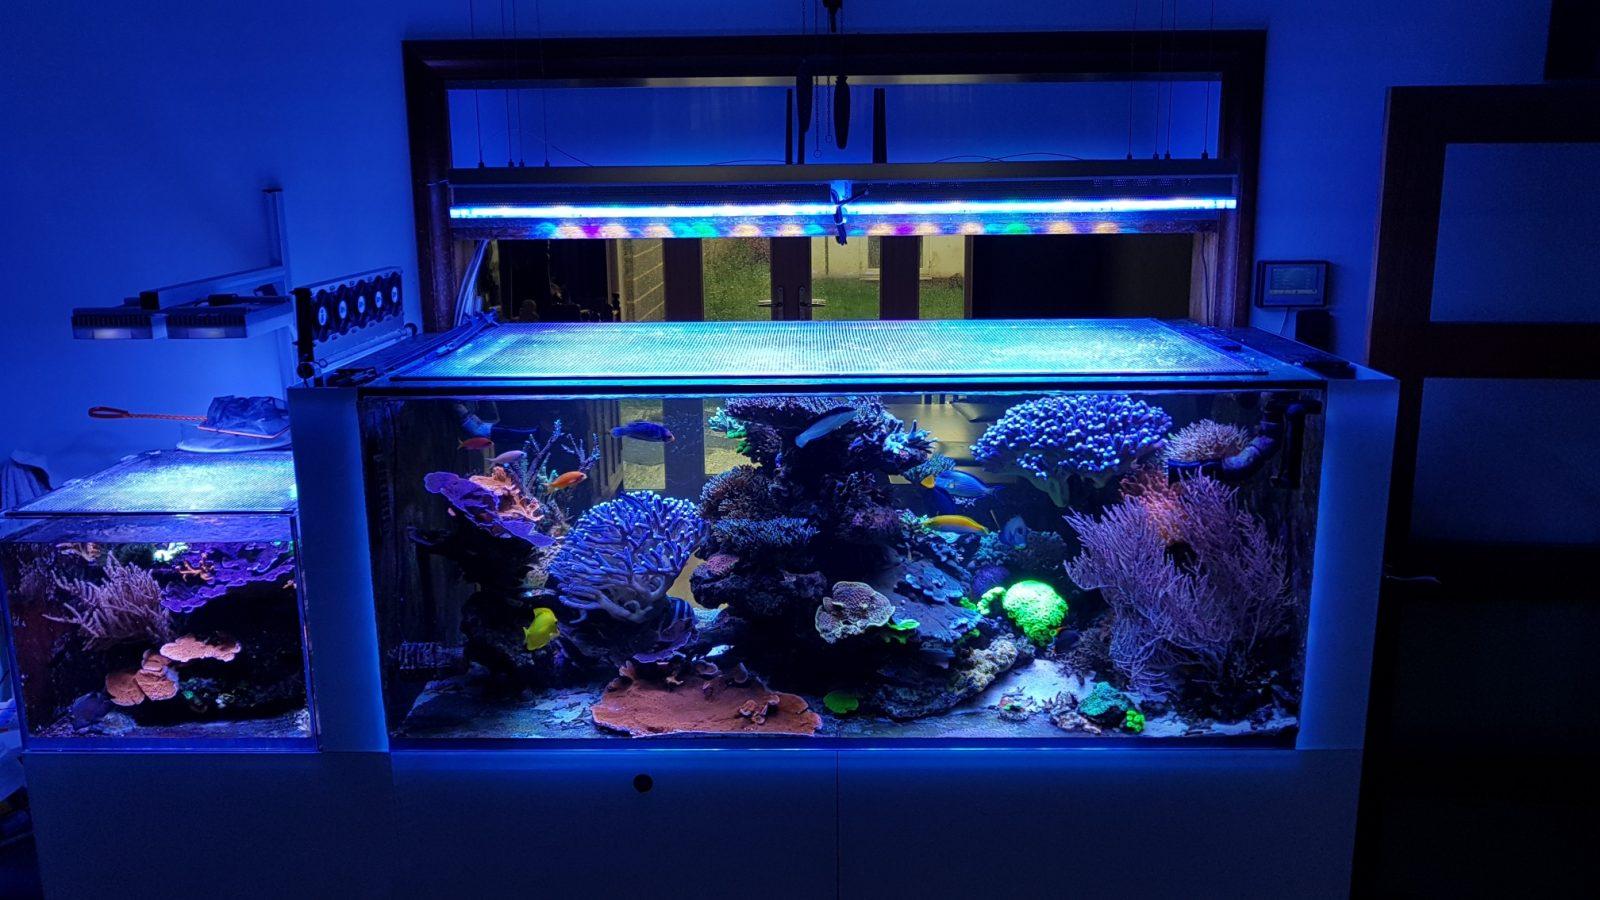 terbaik akuarium LED bar 2020